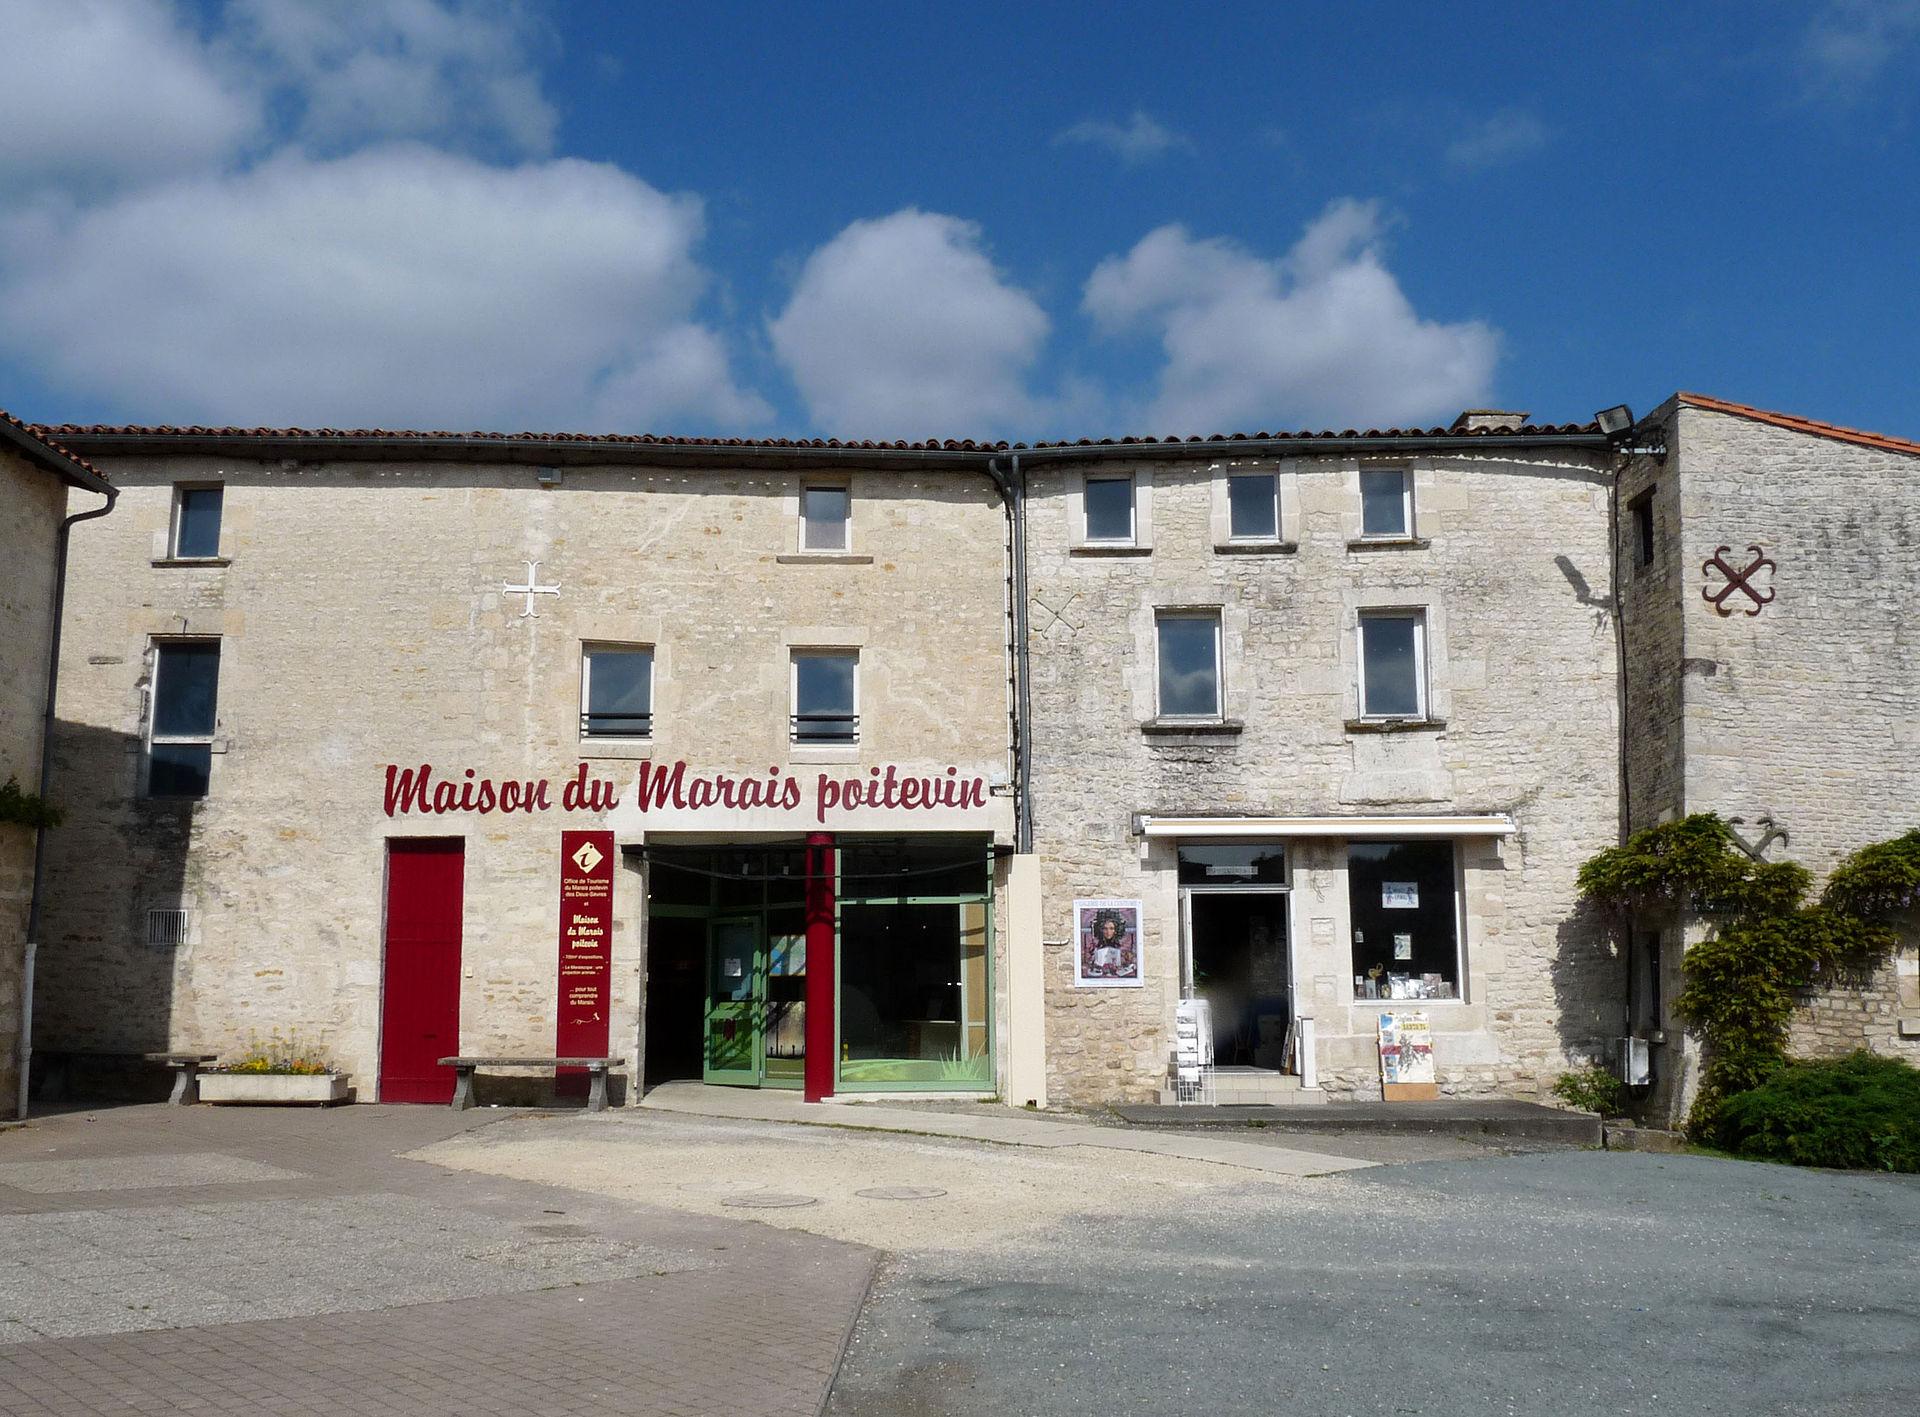 Ji-Elle — Travail personnel Maison du Marais poitevin à Coulon (Deux-Sèvres) - Wikimedia Commons